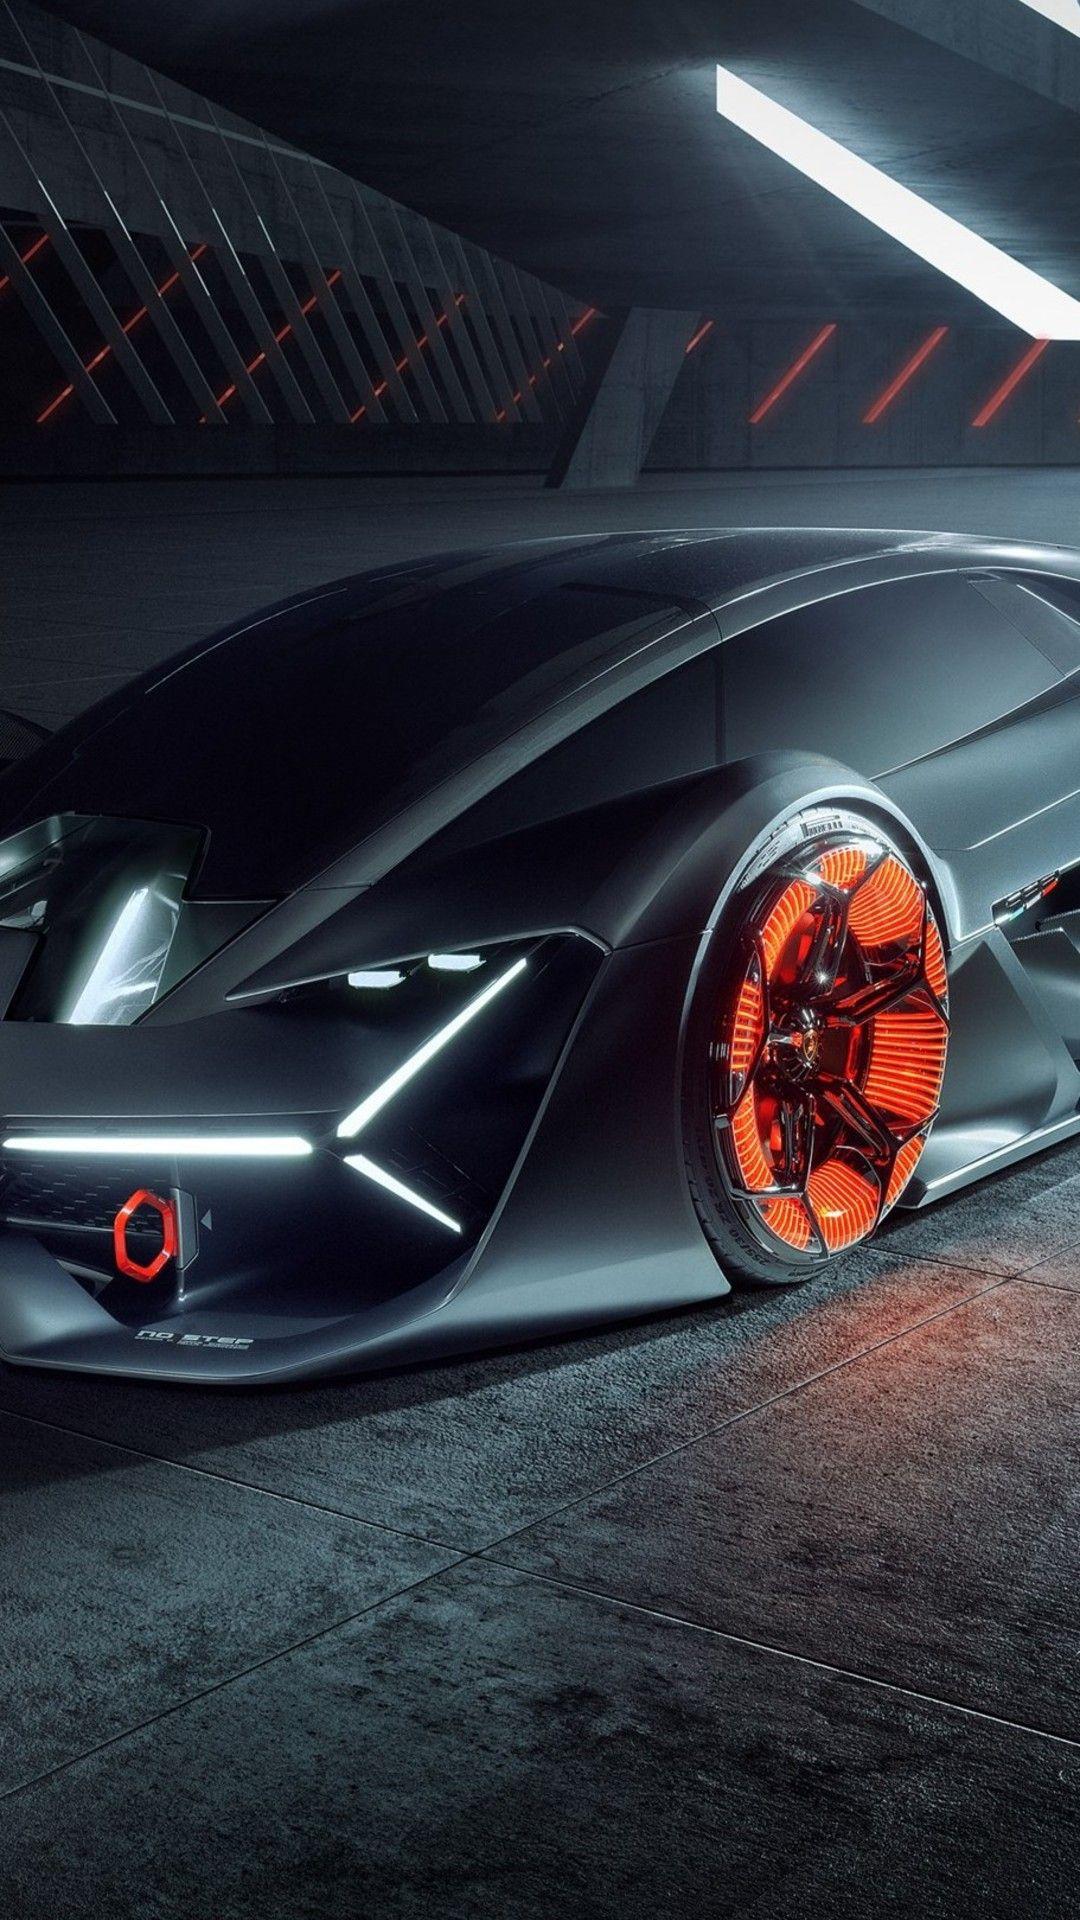 Lamborghini Terzo Millennio 2019 Car In 1080x1920 Resolution Bad